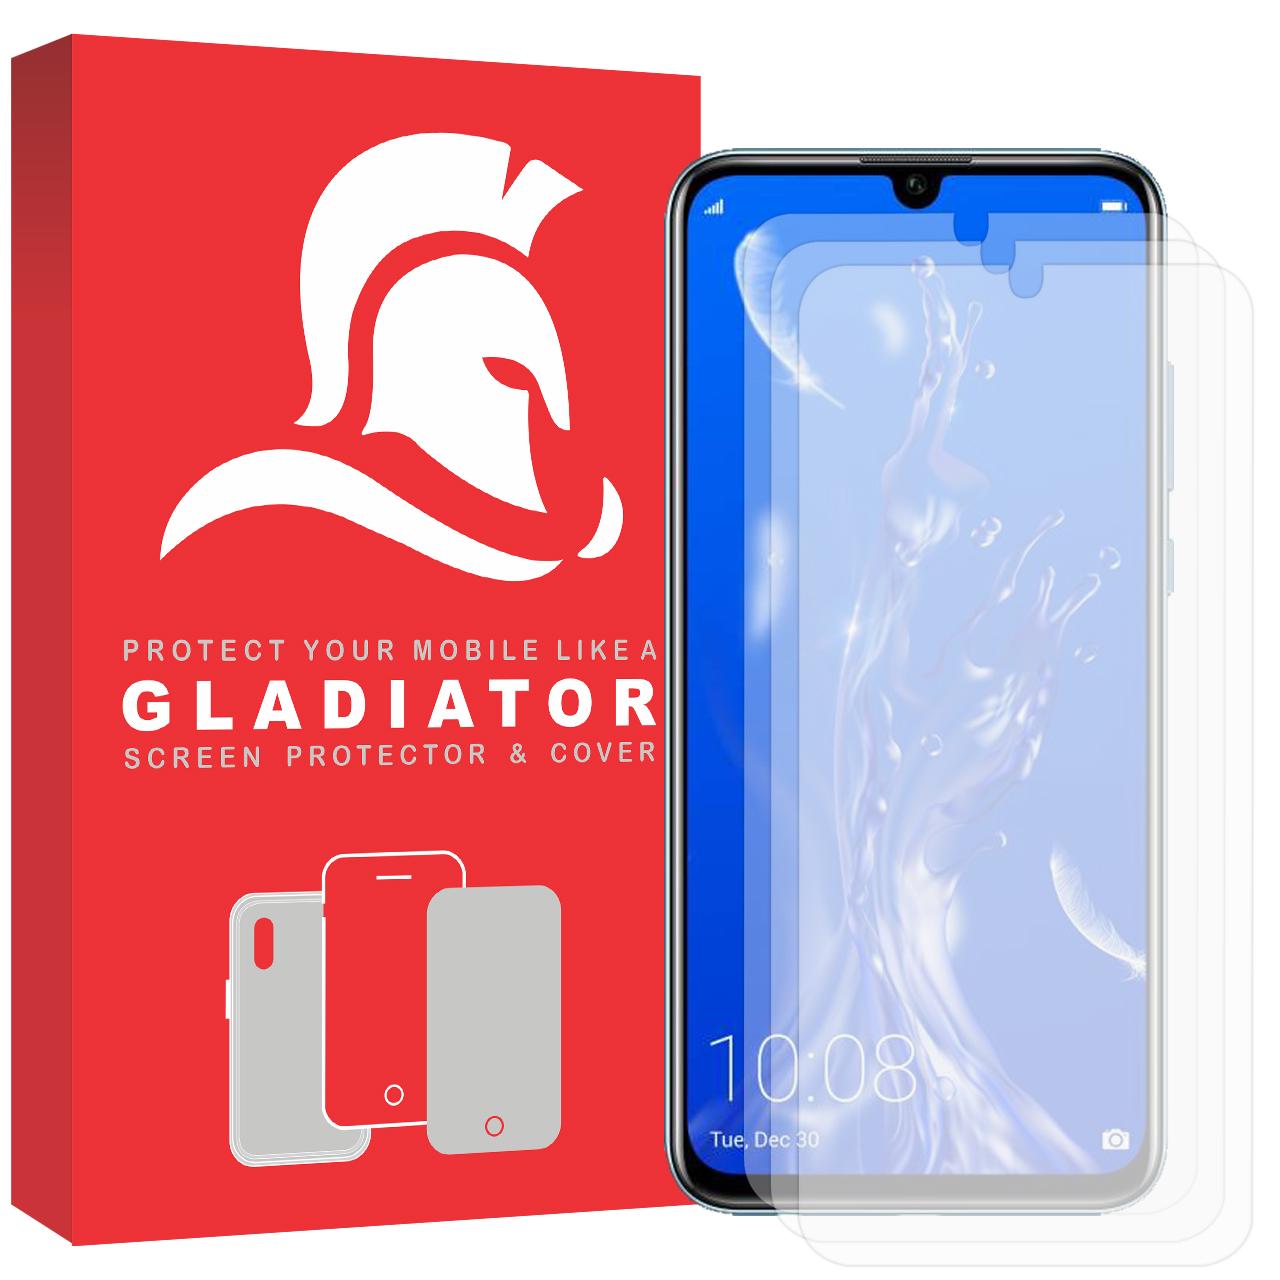 محافظ صفحه نمایش گلادیاتور مدل GLH3000 مناسب برای گوشی موبایل آنر 10 Lite بسته سه عددی